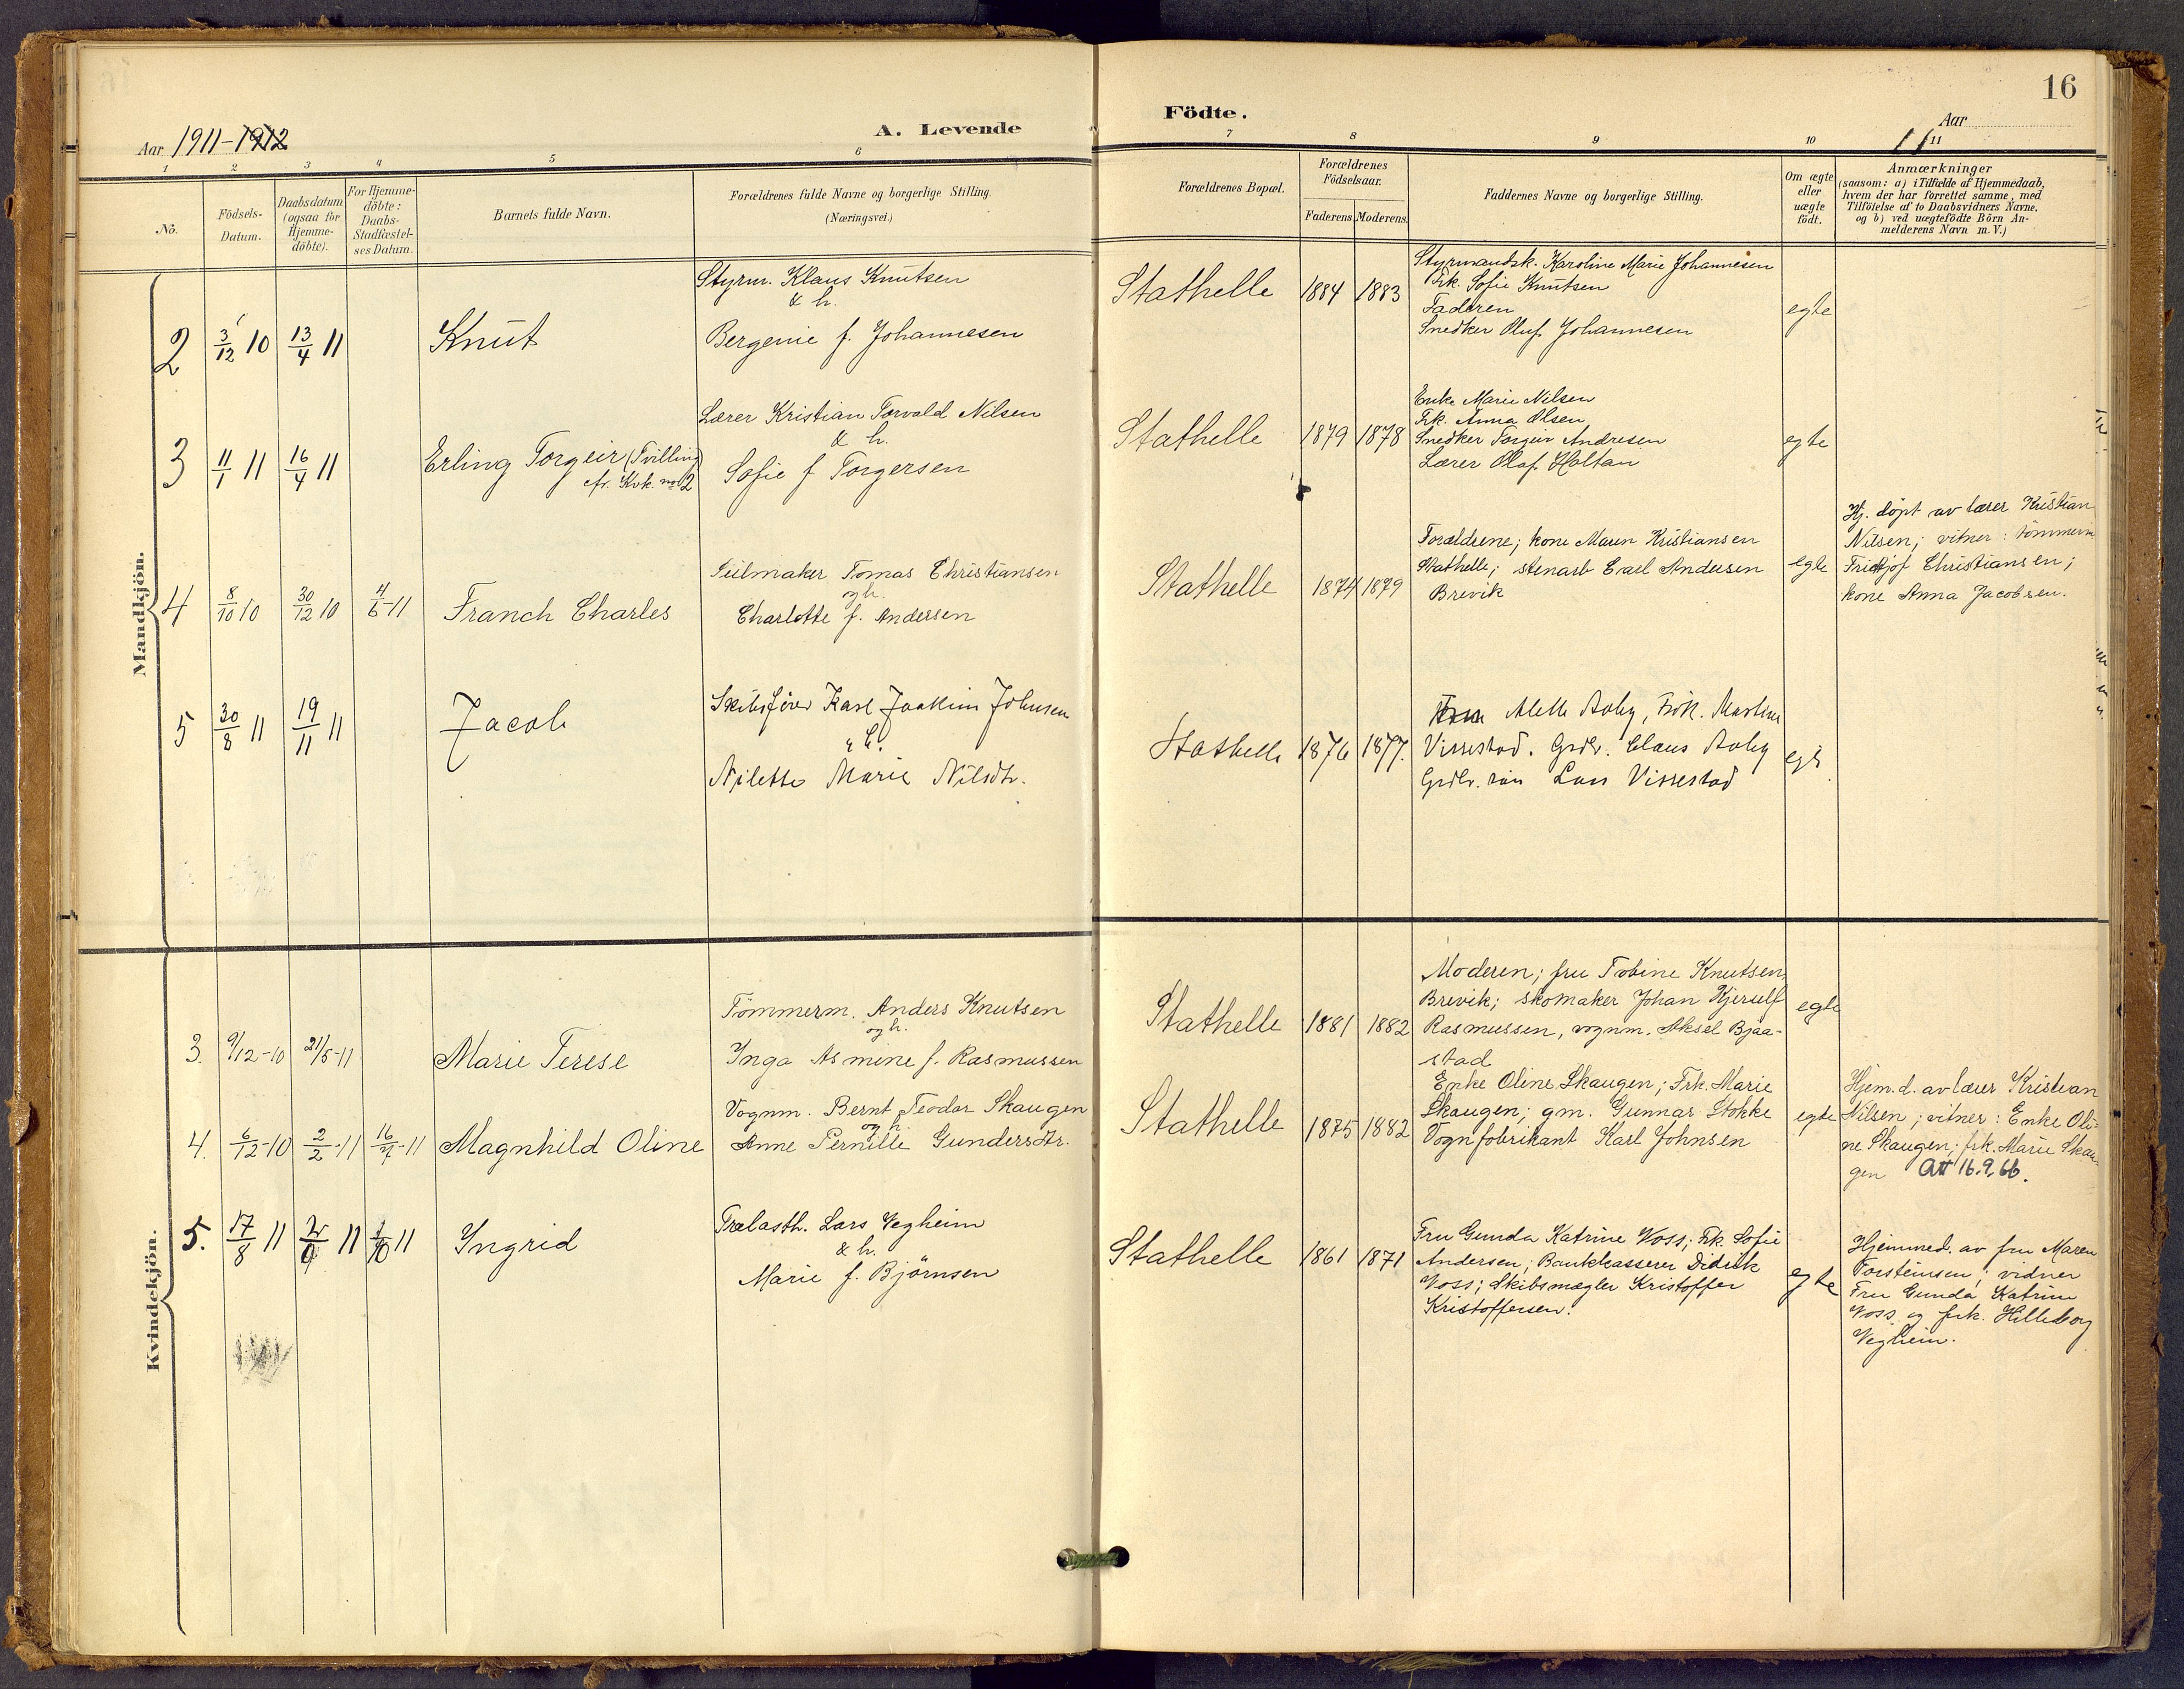 SAKO, Bamble kirkebøker, F/Fb/L0002: Ministerialbok nr. II 2, 1900-1921, s. 16